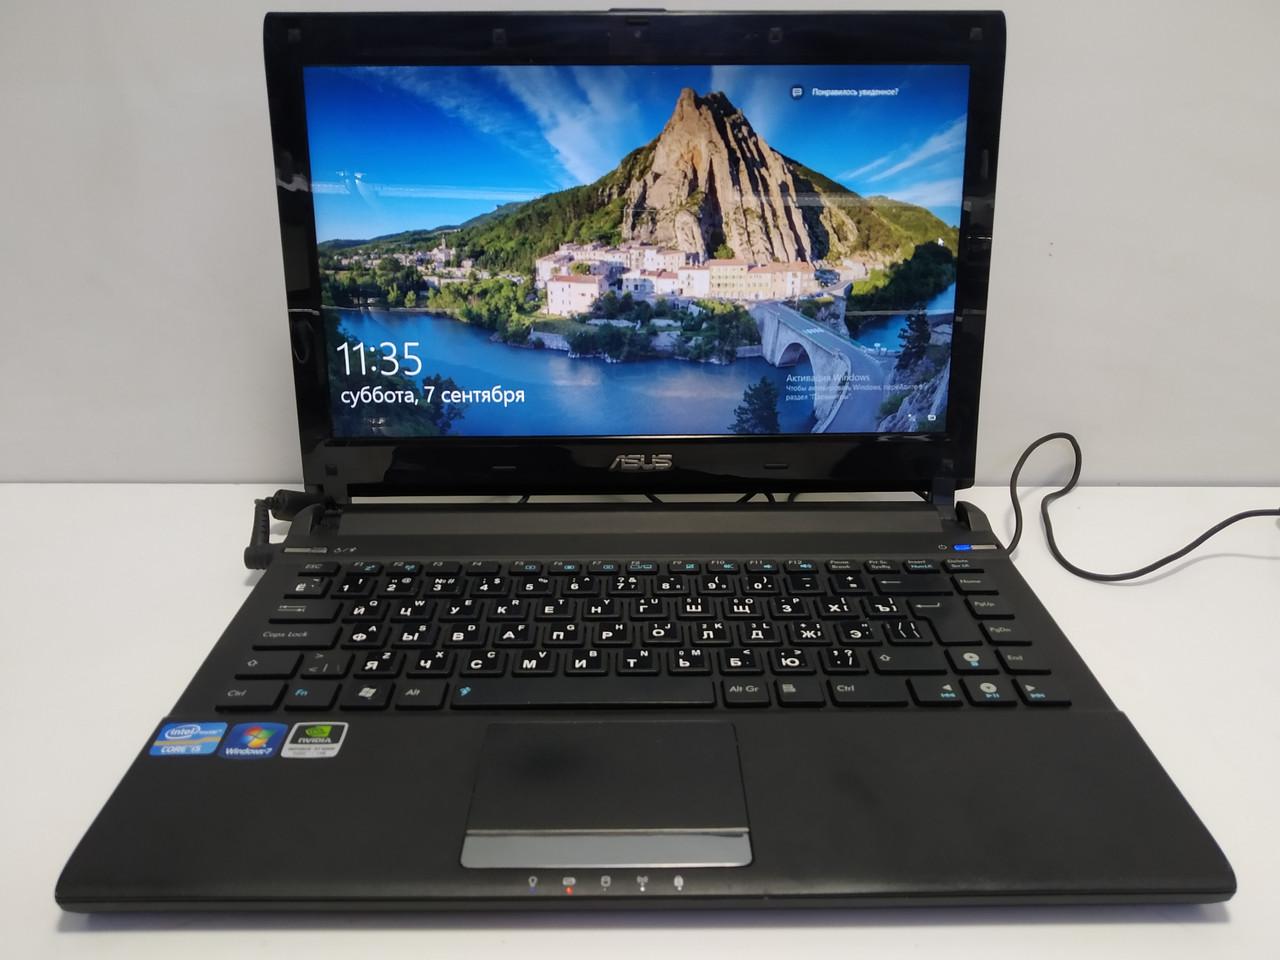 Ультрабук Asus U36SD \ Intel i5-2410M 2.3-2.9 \ 8 ГБ DDR3 \ 120(240) ГБ SSD\ Батарея до 5-8 часов\ GT 520 1 gb